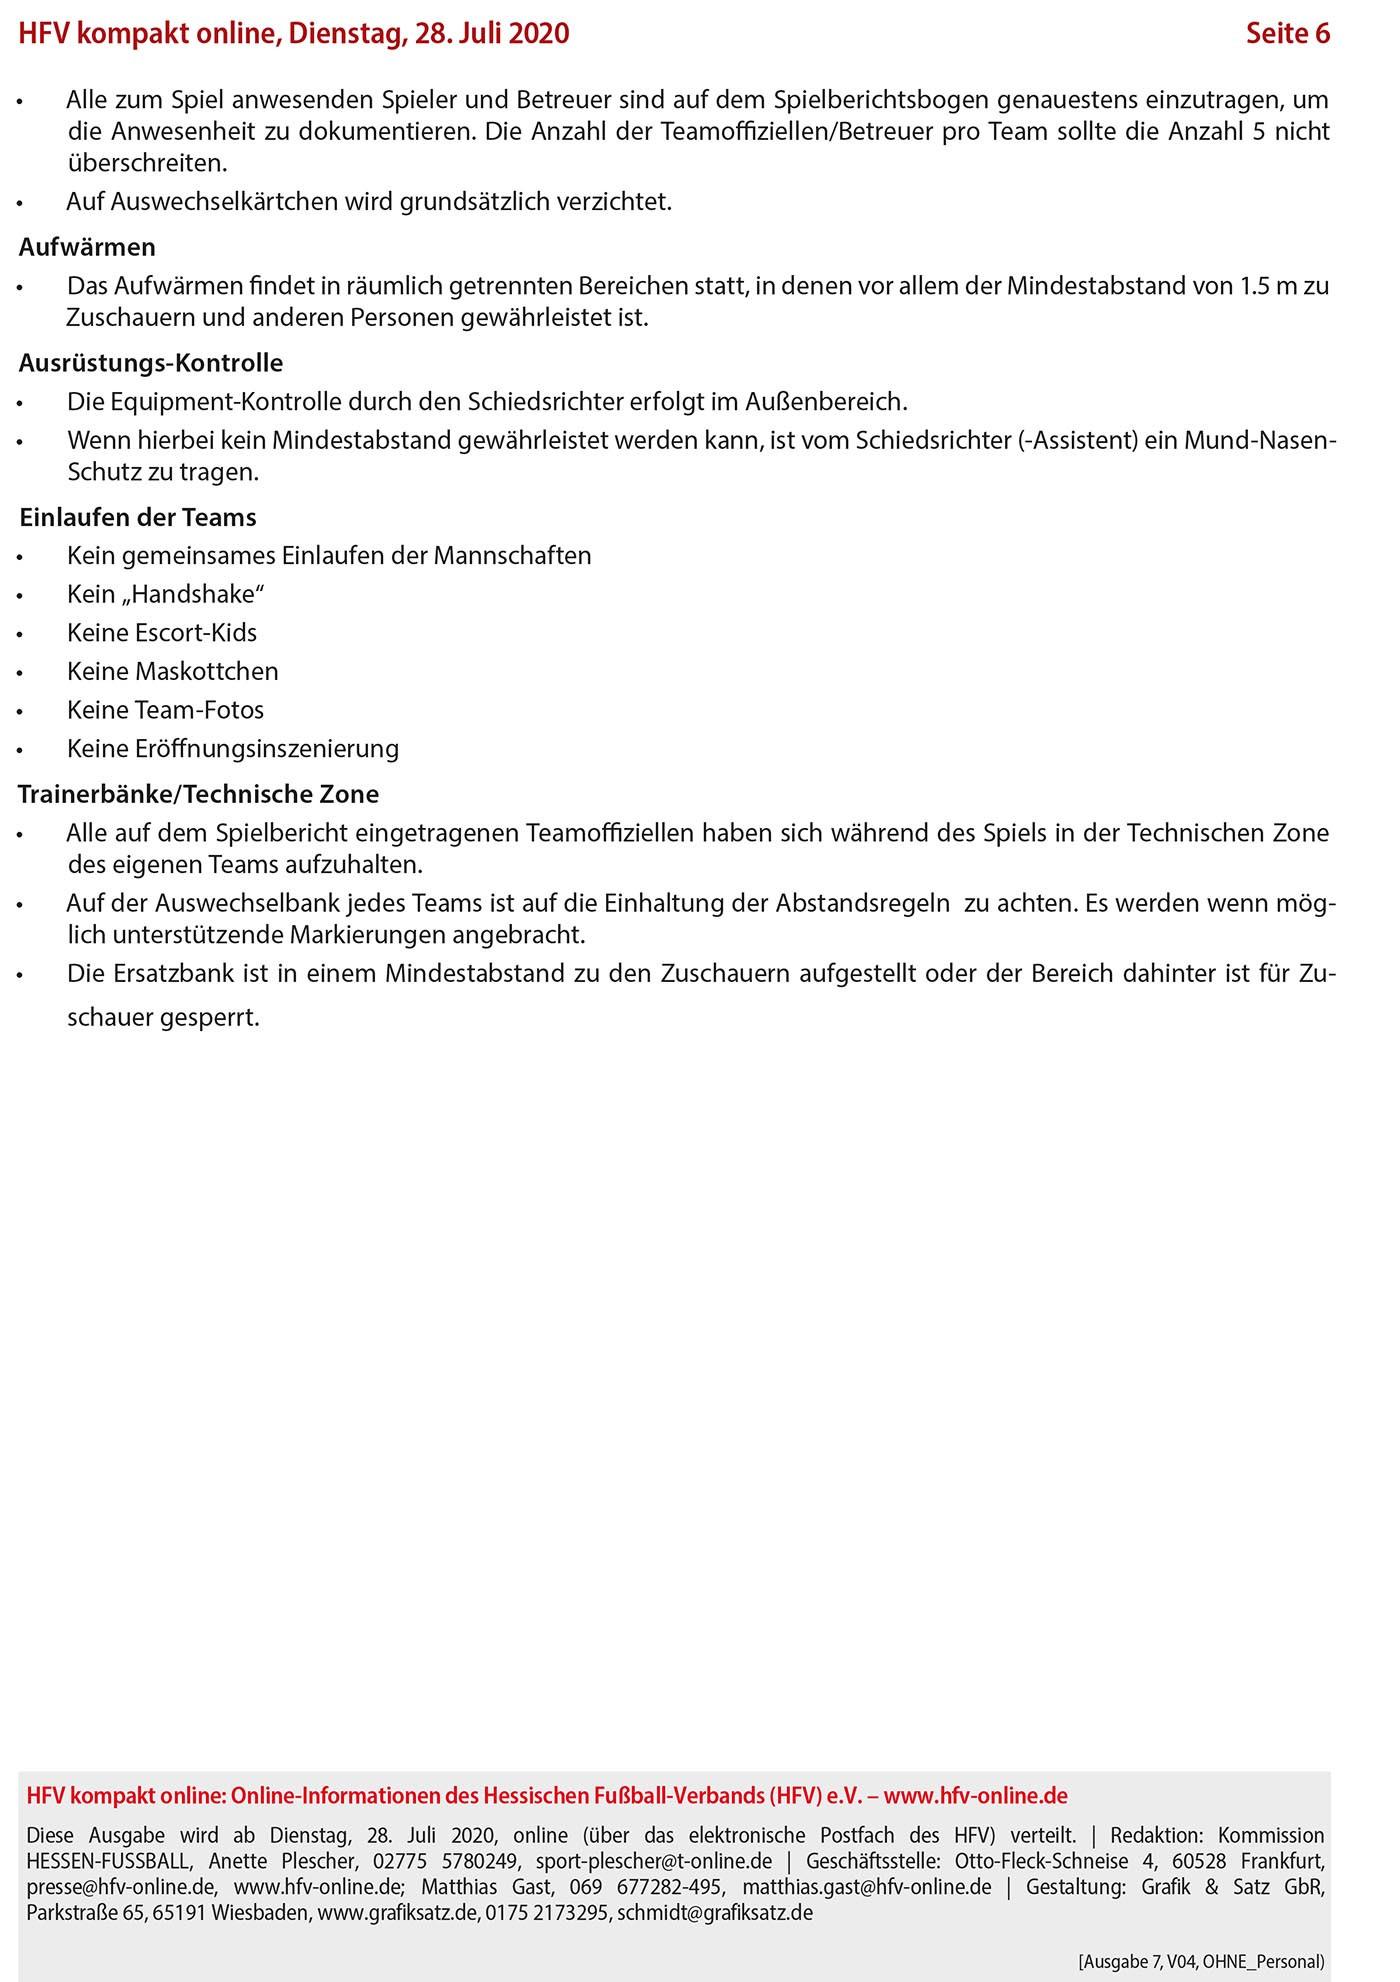 HFV_Hygienekonzept_20200728_A2 (verschob